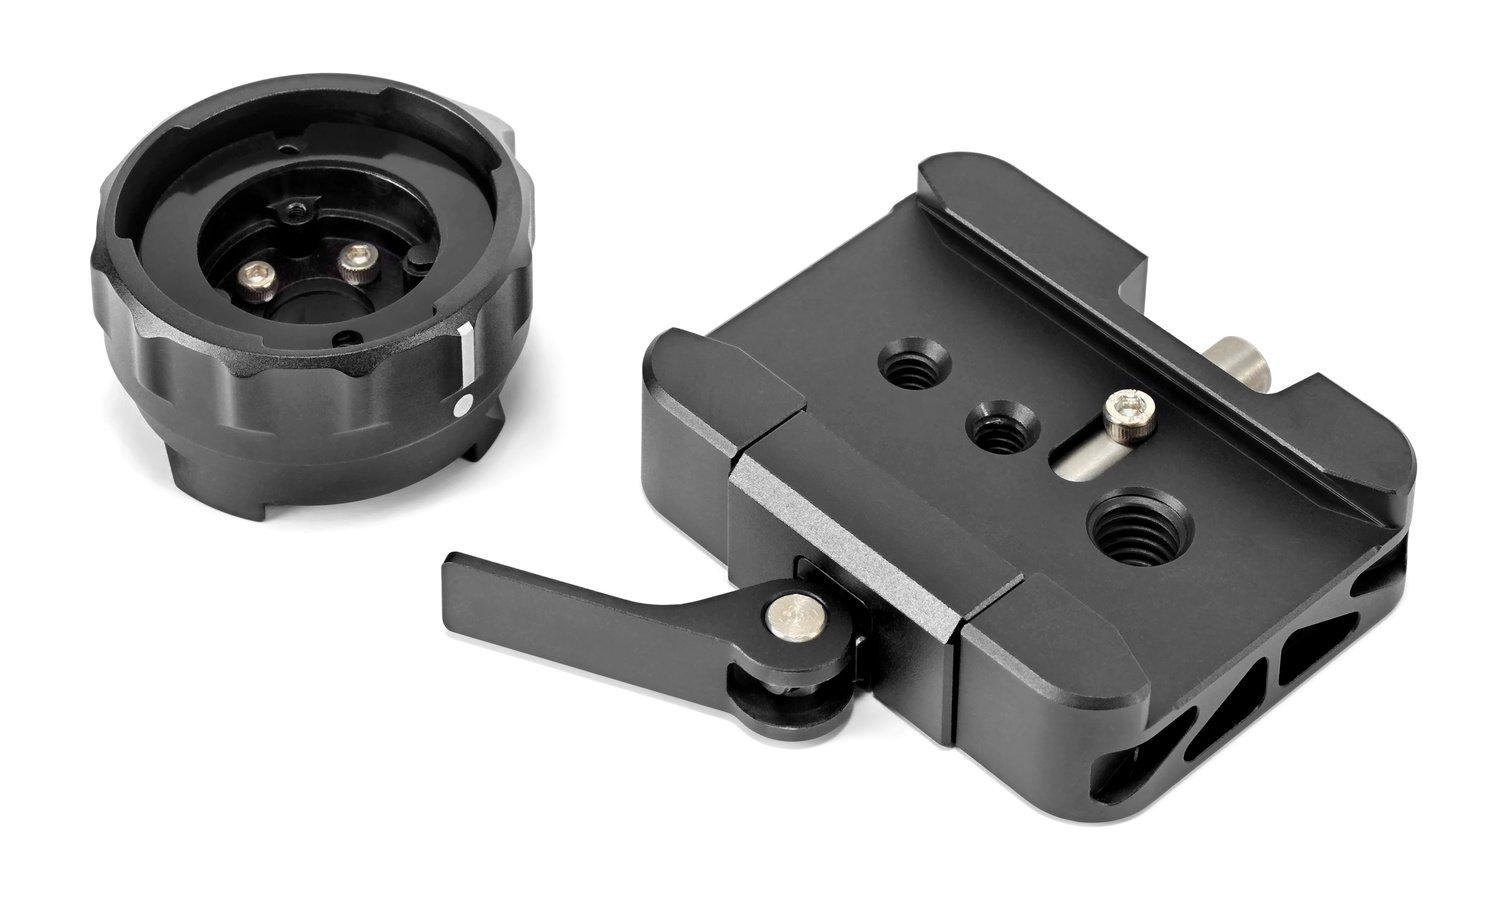 Der Bajonettadapter verfügt über einen Dovetail Style Anschluss.